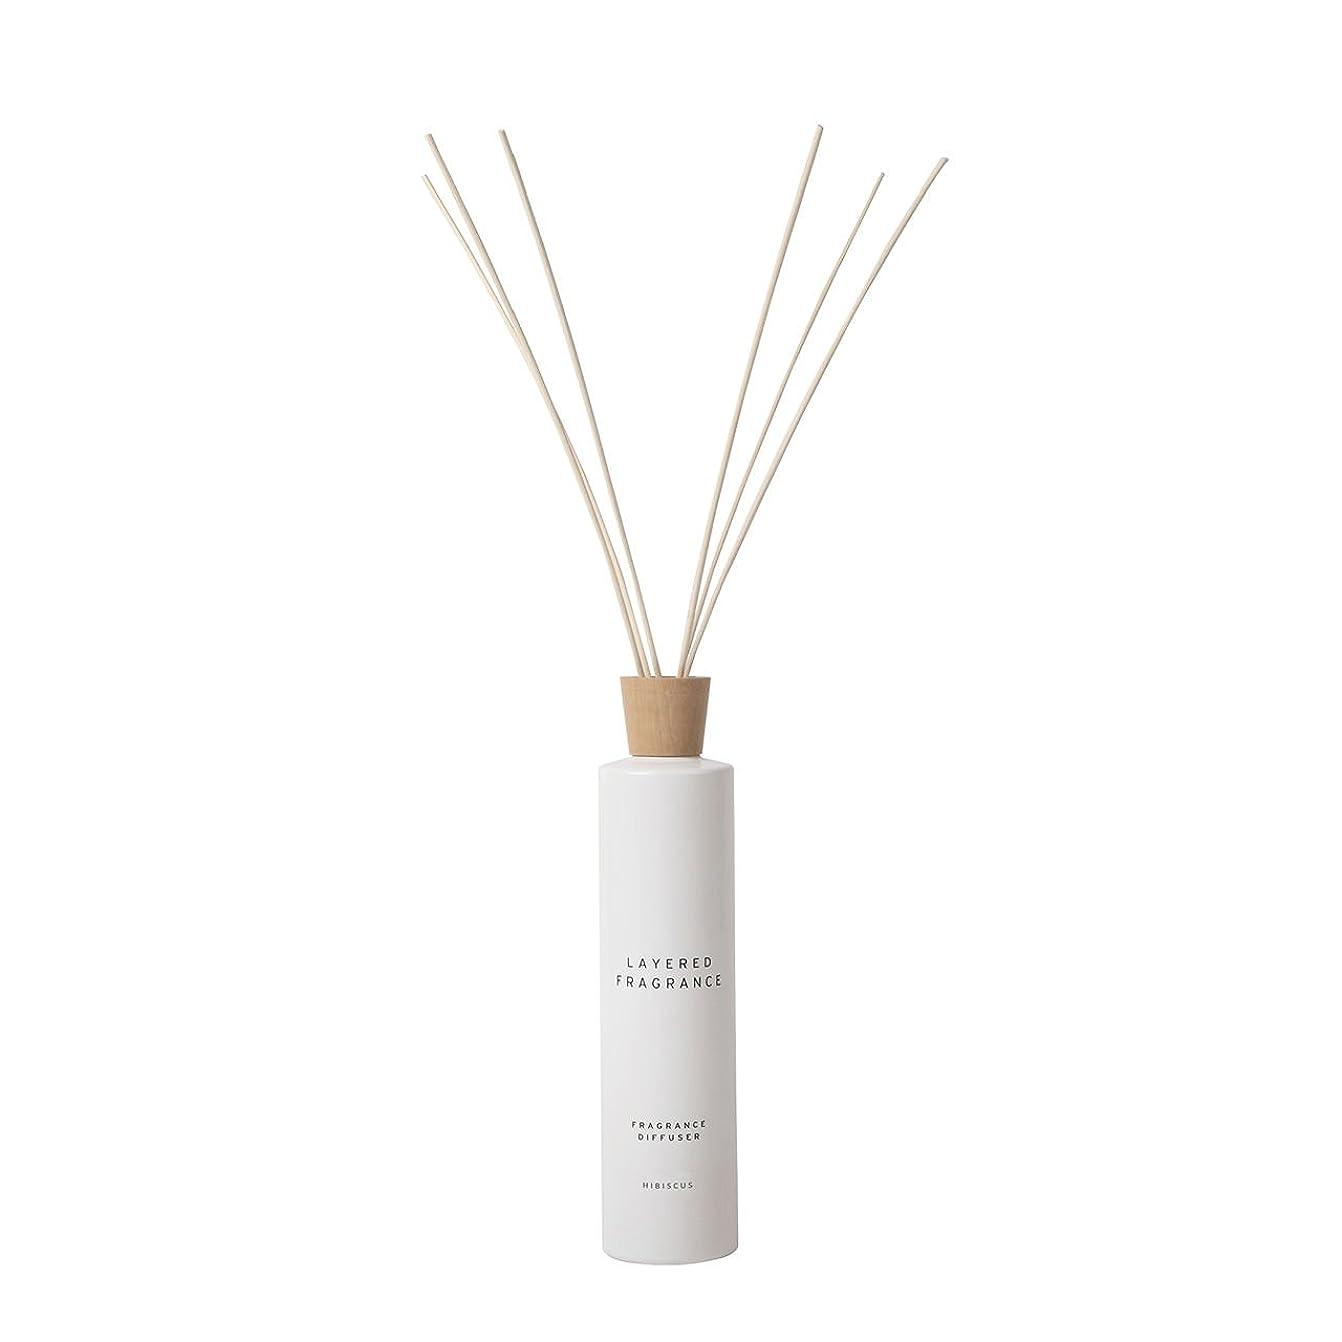 不忠ストロークポール空間ごとに香りを使い分けて楽しむ レイヤードフレグランス フレグランスディフューザー ハイビスカス 500ml